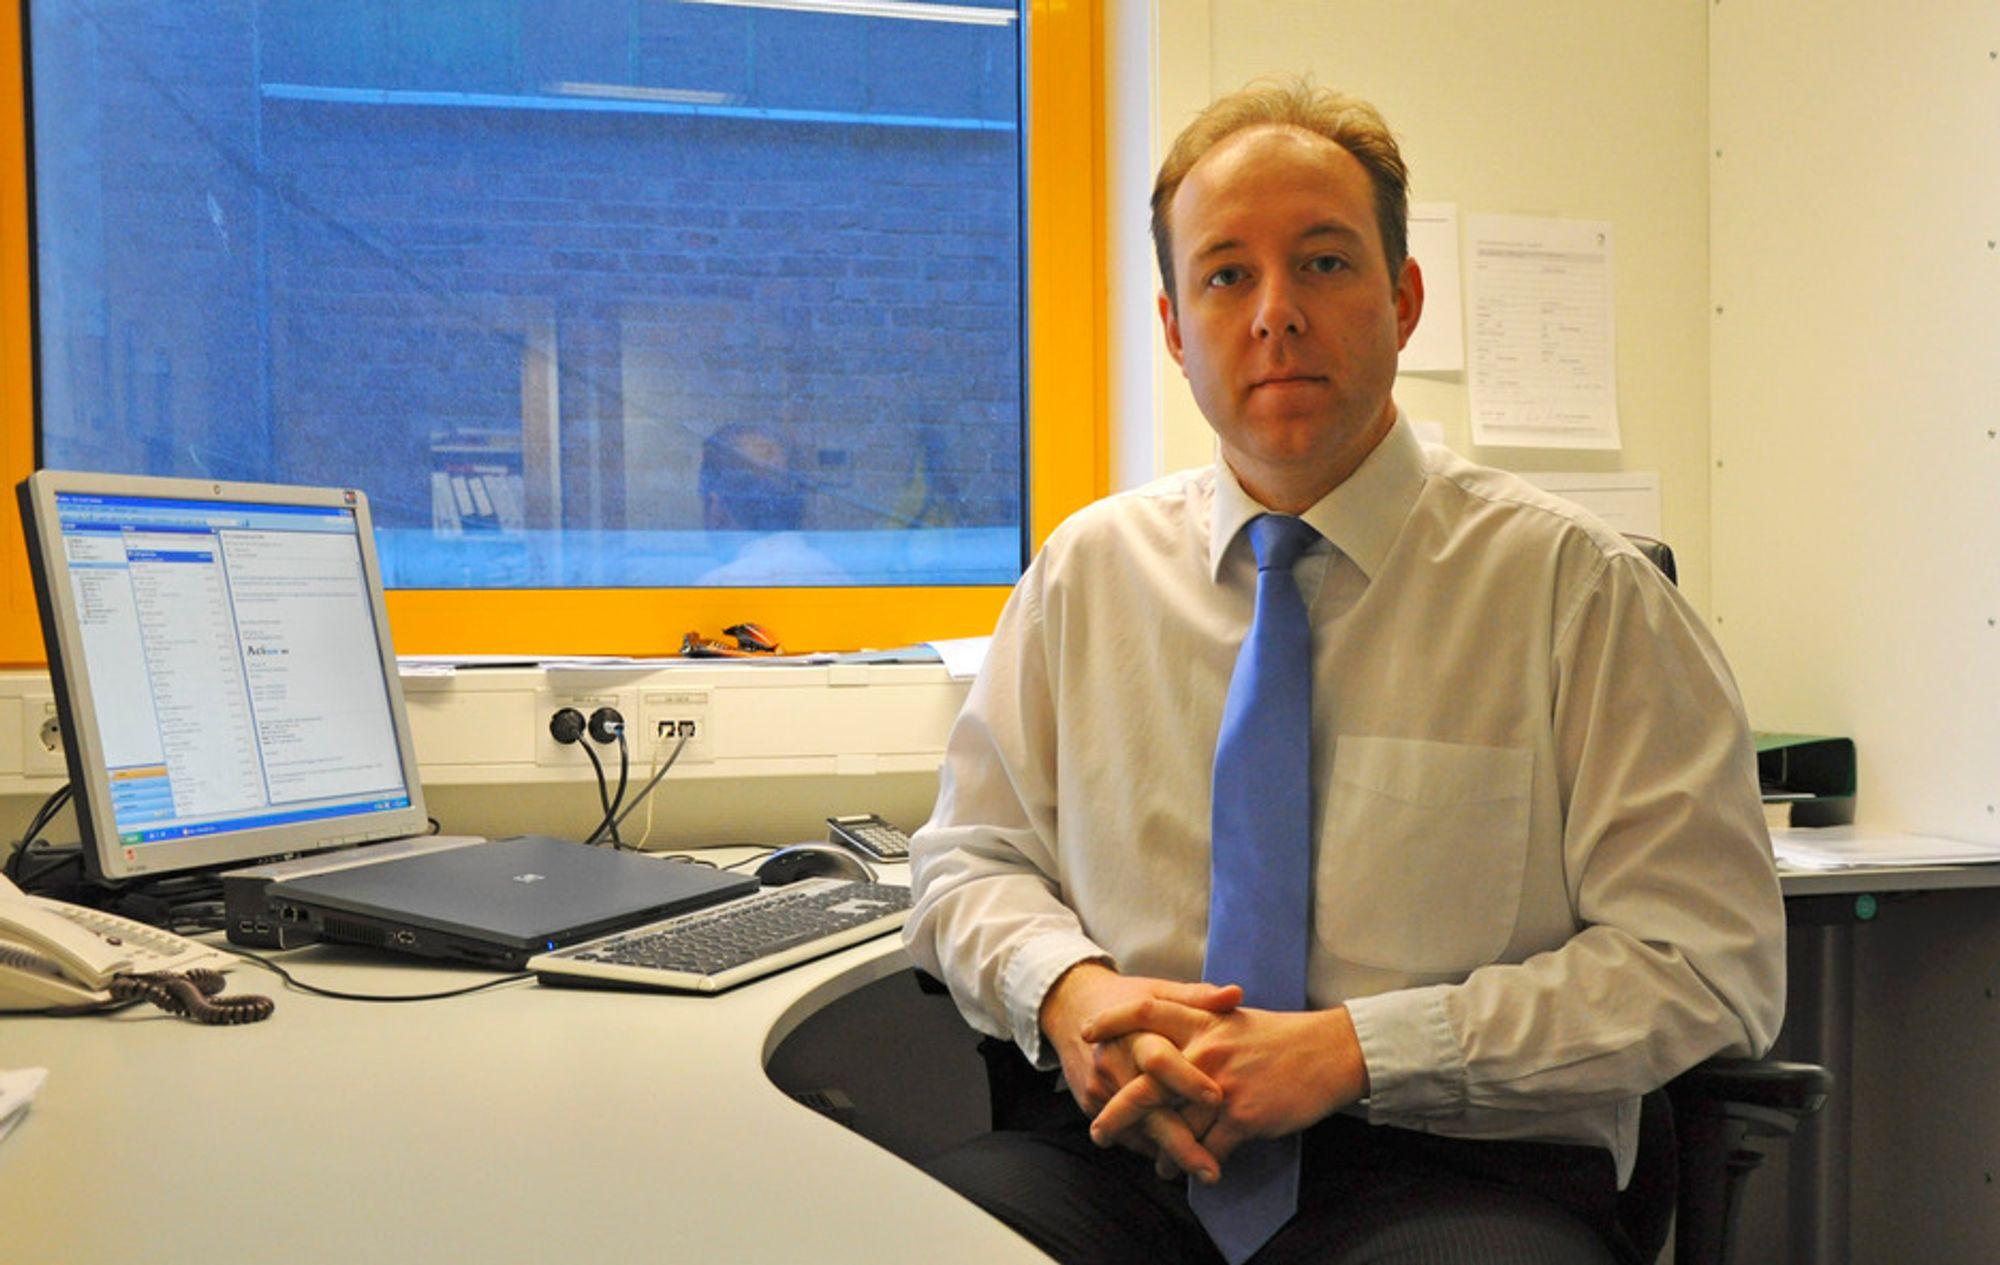 SYNSEPOLITIKK: Uniol-sjef Carl-Ivar Herskedal har problemer med å forholde seg til myndighetenes stadige endringer i biodrivstoffpolitikken.